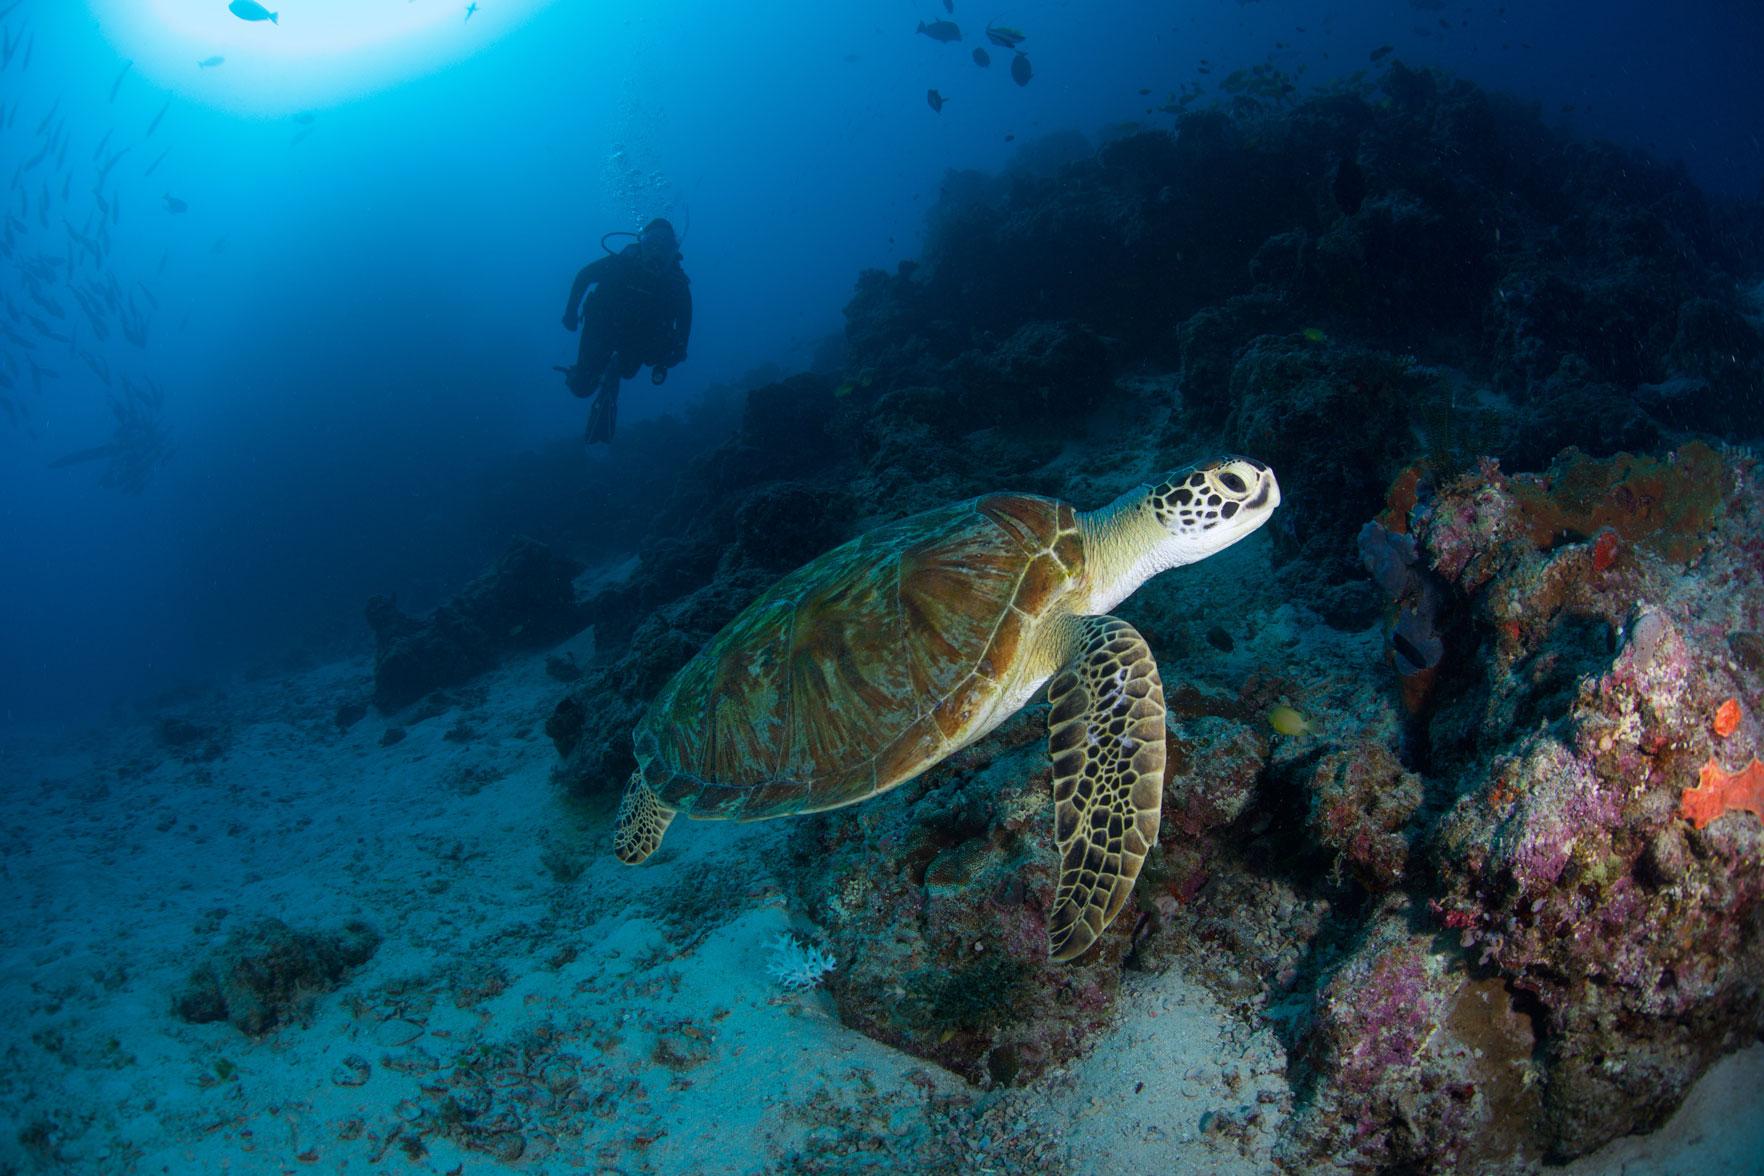 AUS_Great-Barrier-Reef-UW-Cod-Hole-©15-Thomas-Baechtold-1421.jpg